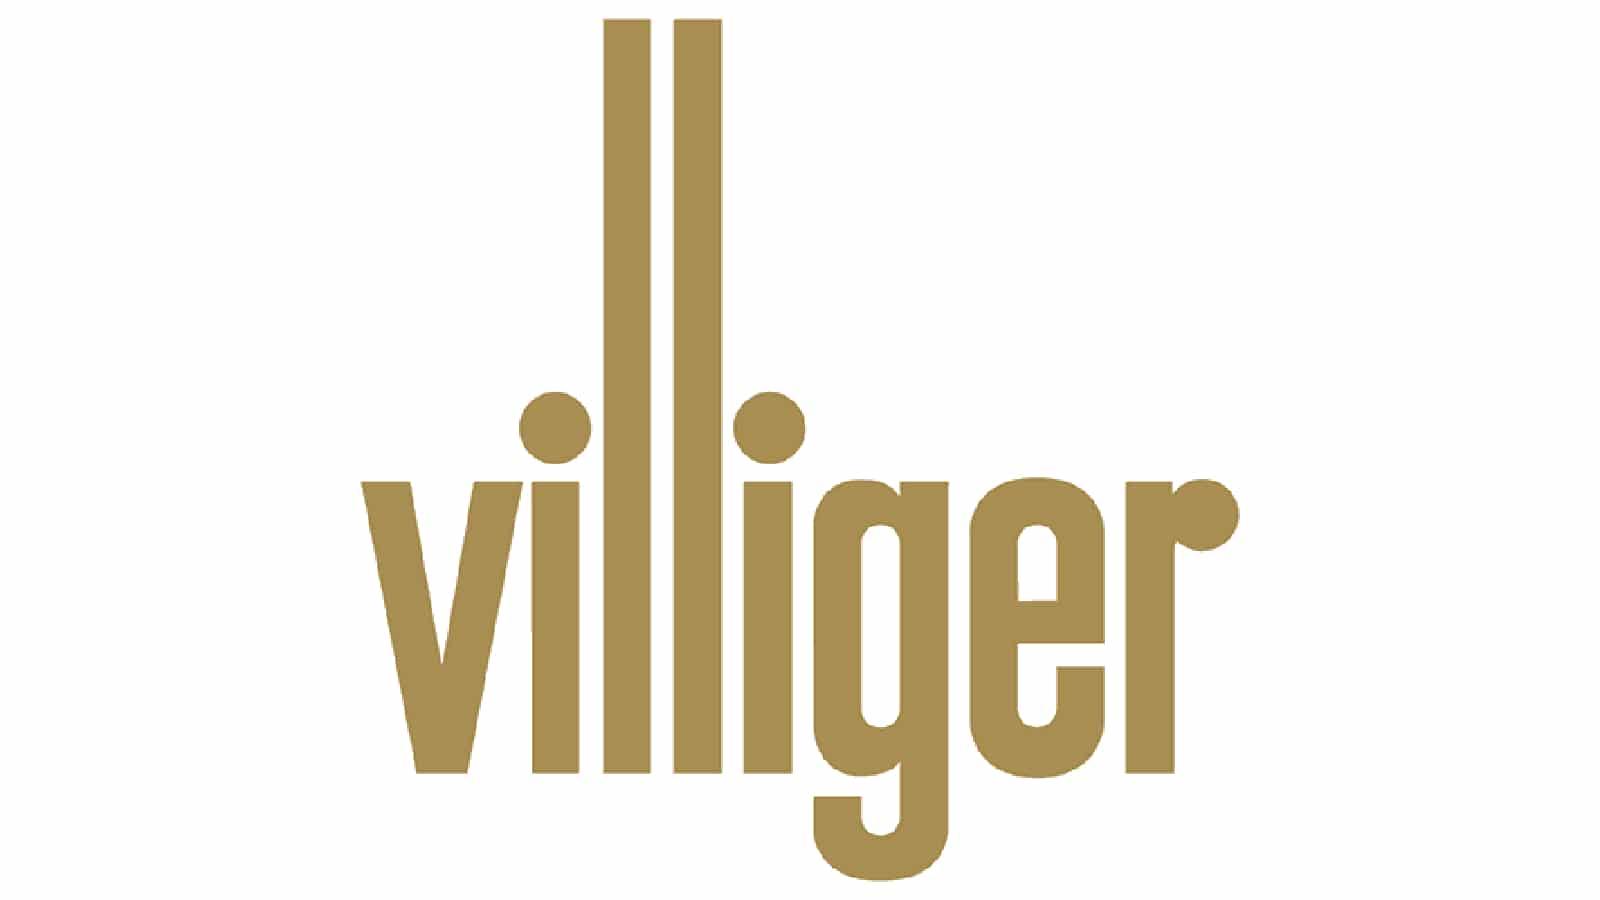 Villiger Logo